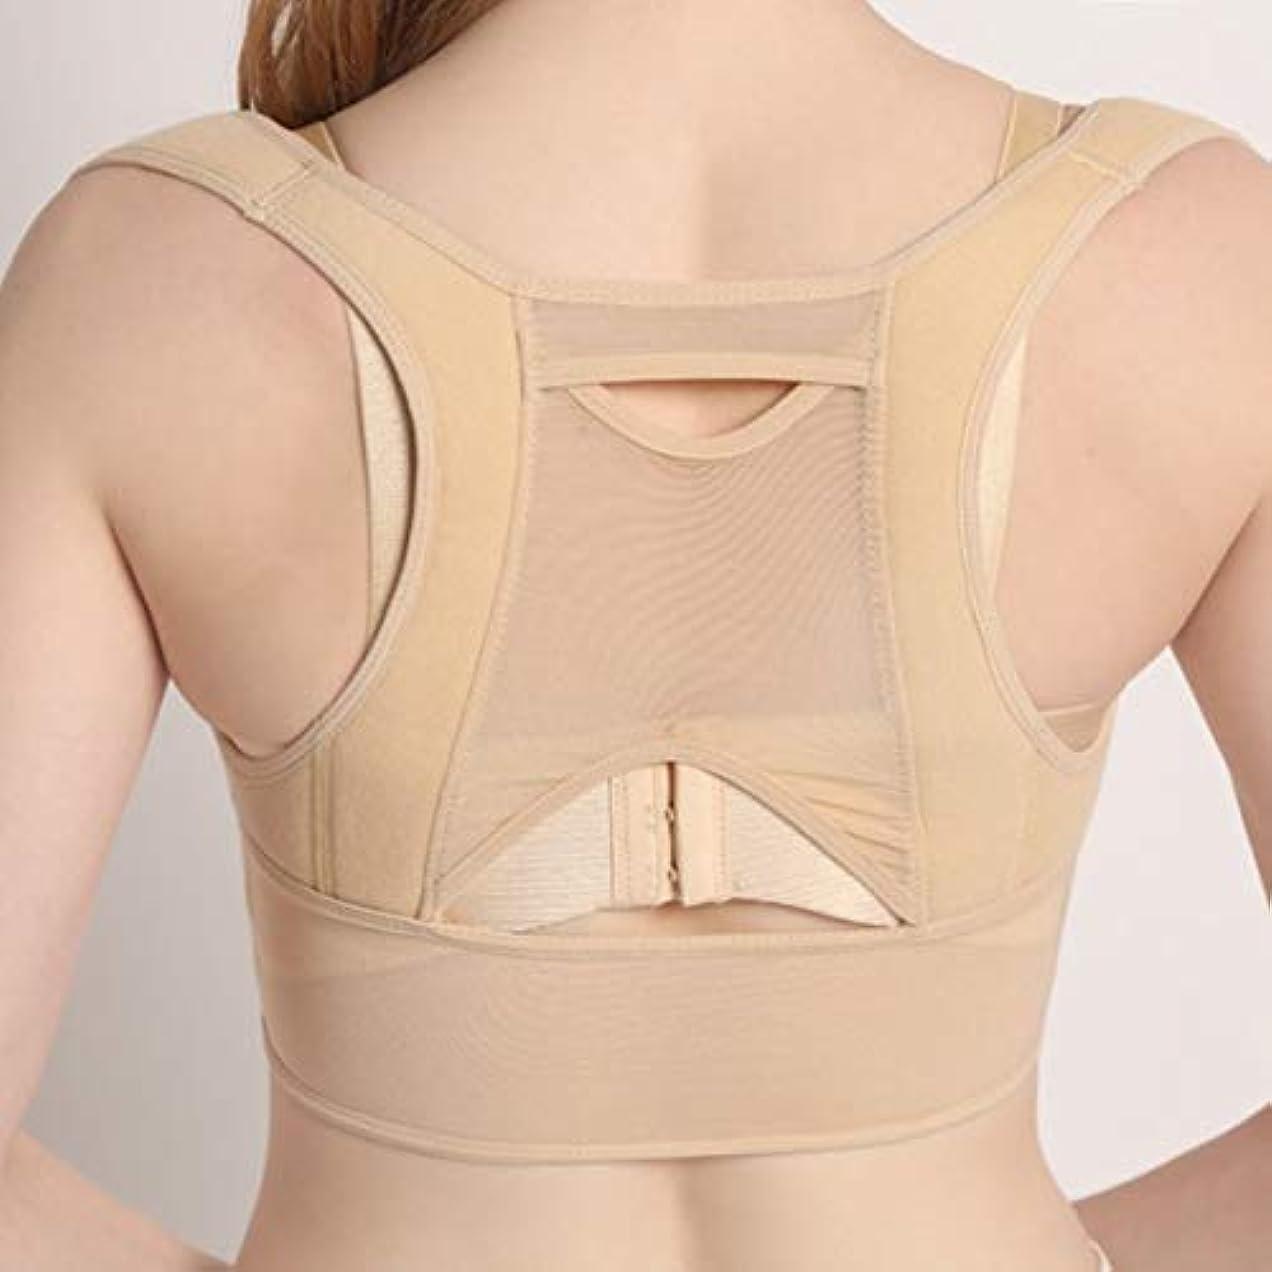 ギャラリー動詞攻撃的通気性のある女性の背中の姿勢矯正コルセット整形外科の背中の肩の背骨の姿勢矯正腰椎サポート - ベージュホワイトL